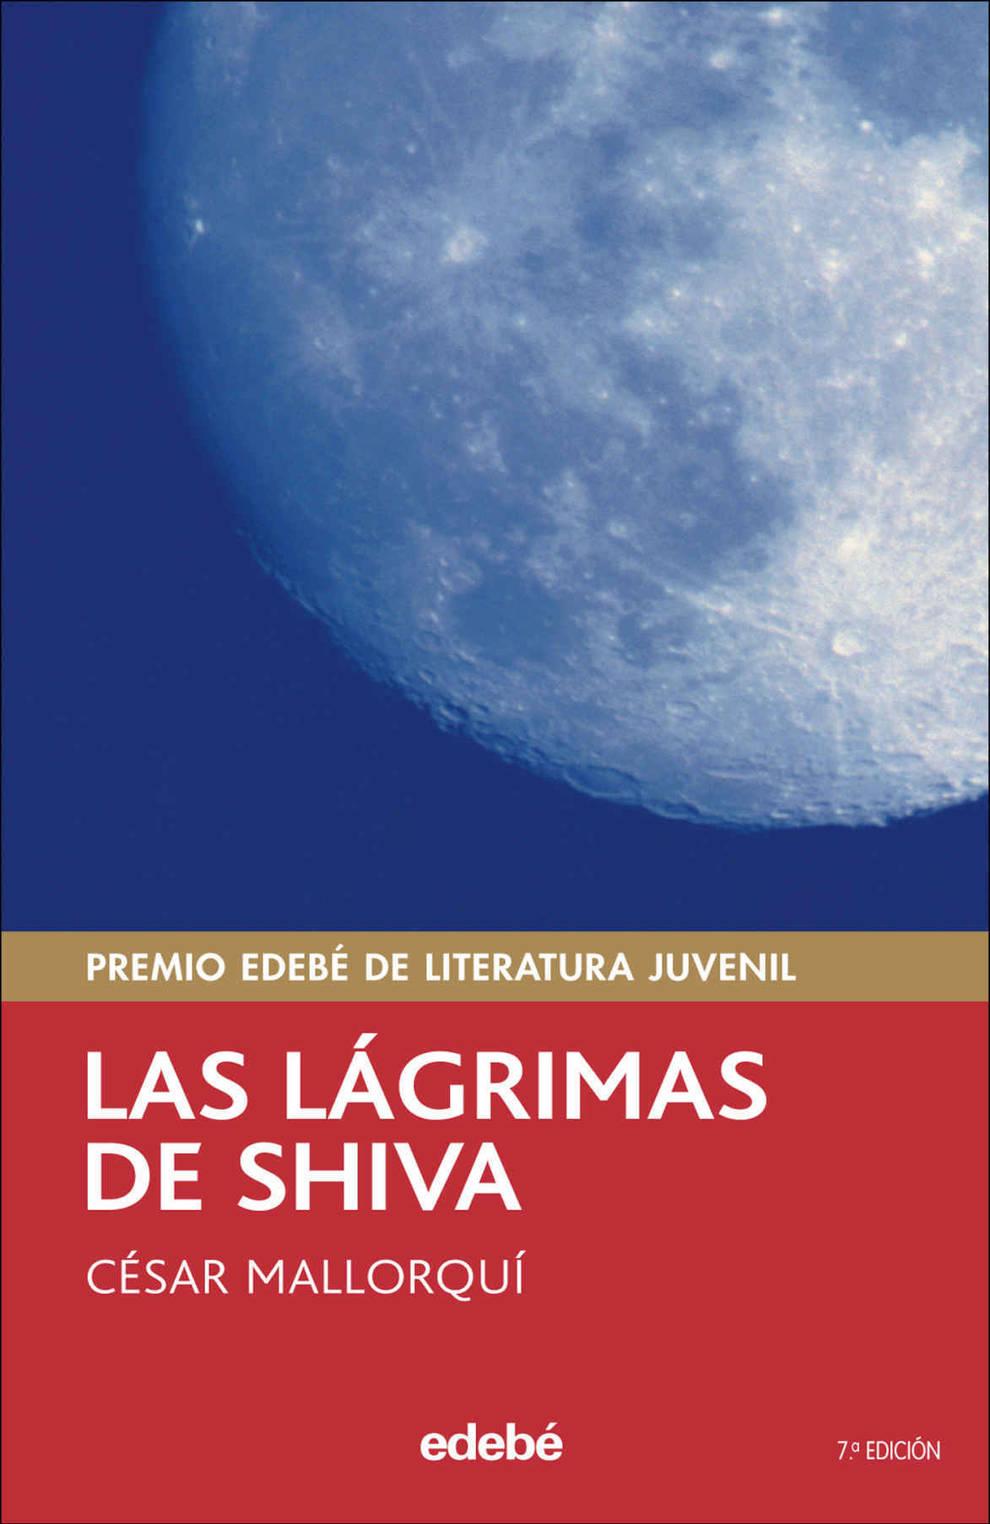 Cubierta del libro Las Lágrimas de Shiva